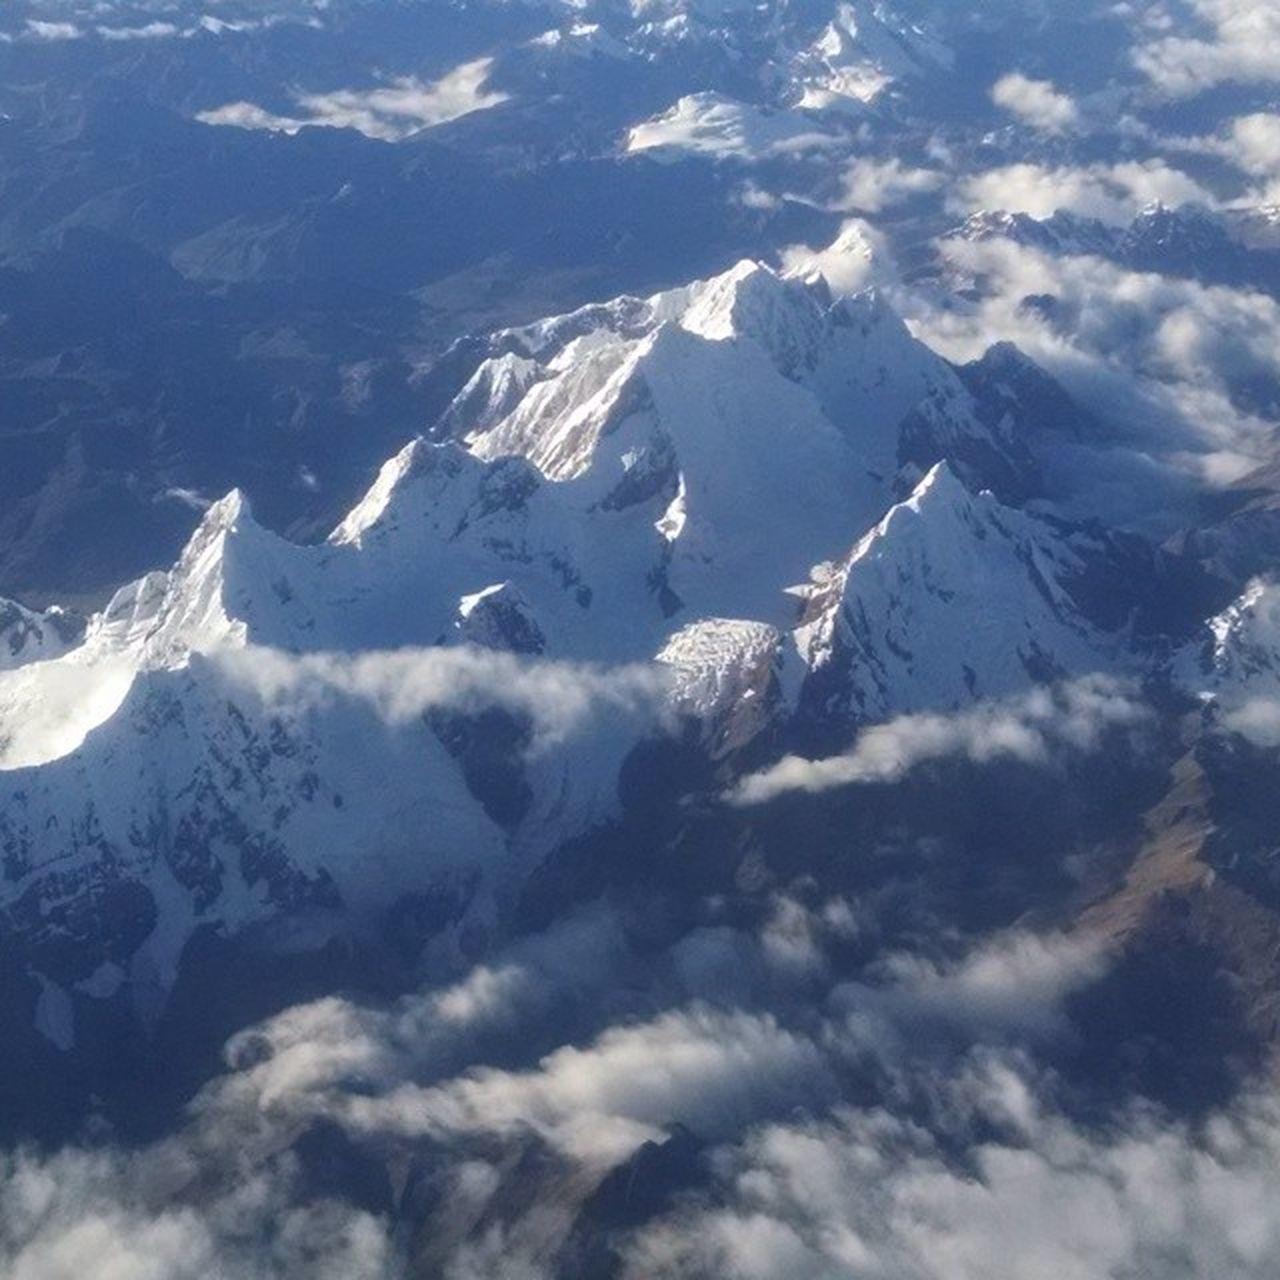 La imponente cordillera de los Andes. Andes Andesmountains Mountains Mountain Snow Mountain View Mountains Snow ❄